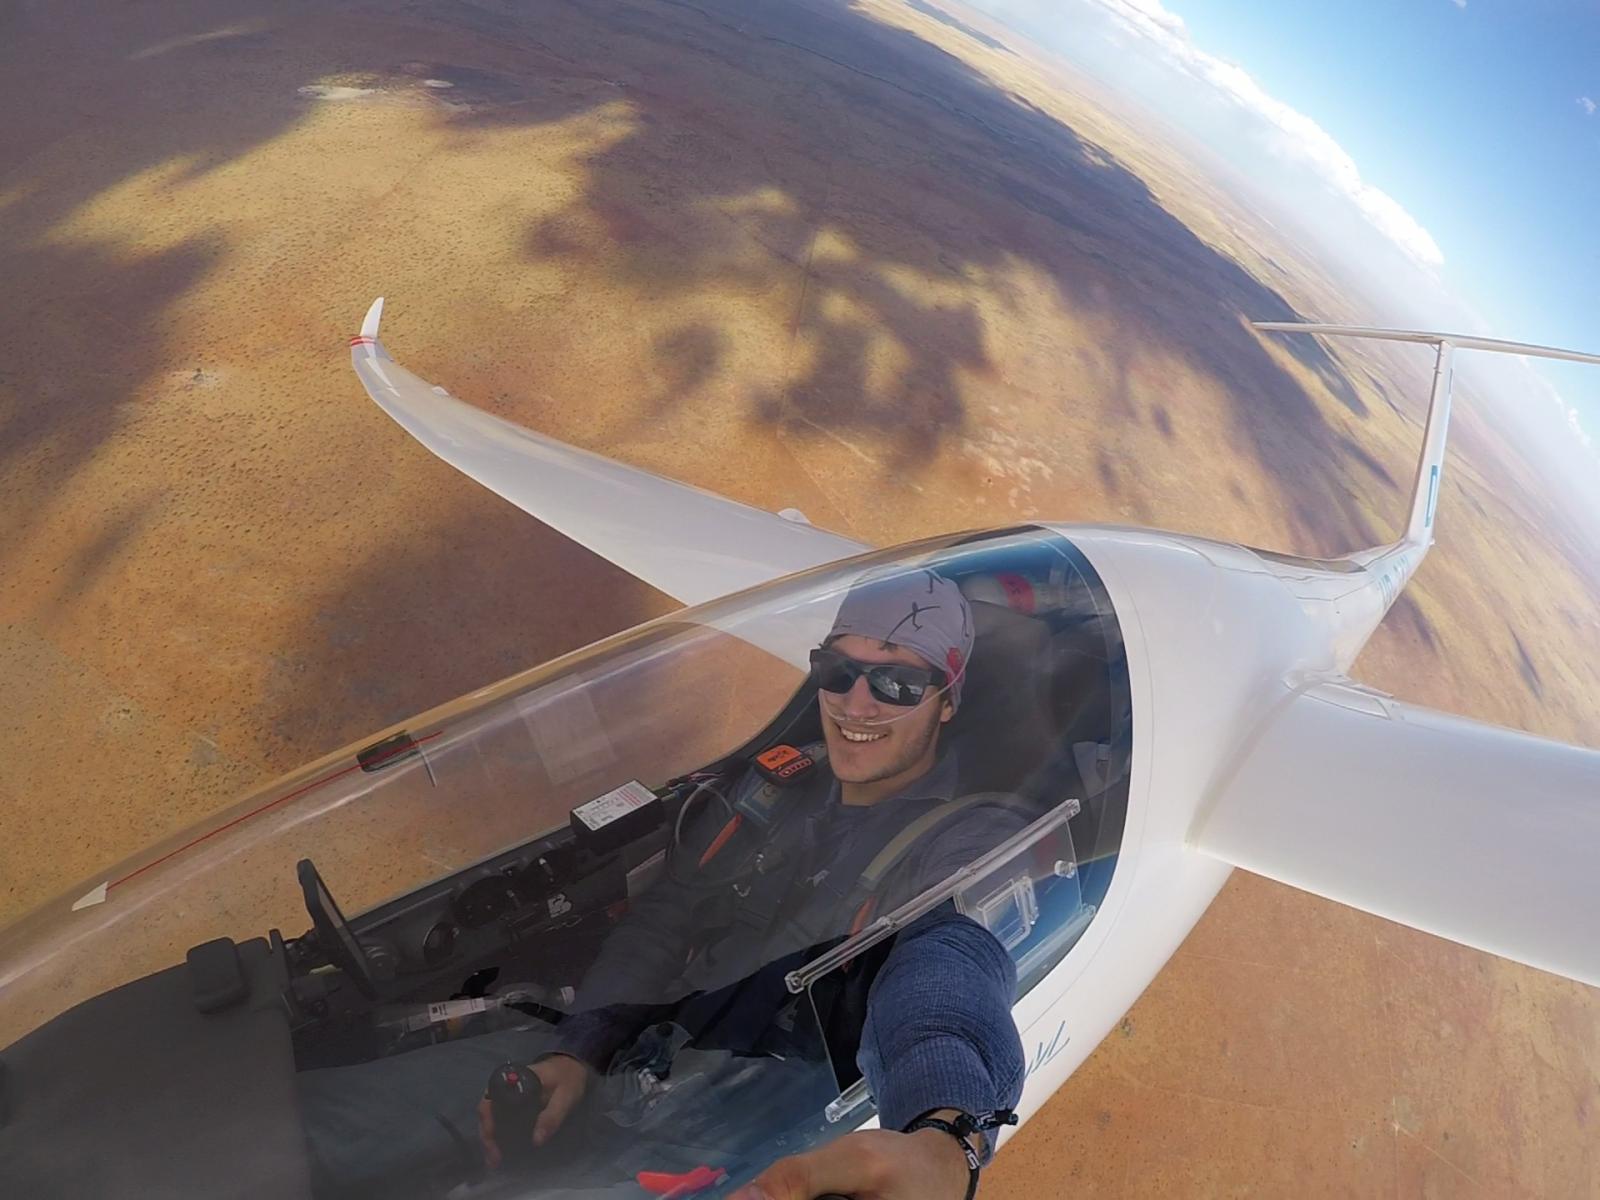 Segelflug-Junior Stefan Langer genießt die langen und weiten Segelflüge über der namibischen Wüste. Foto: Stefan Langer